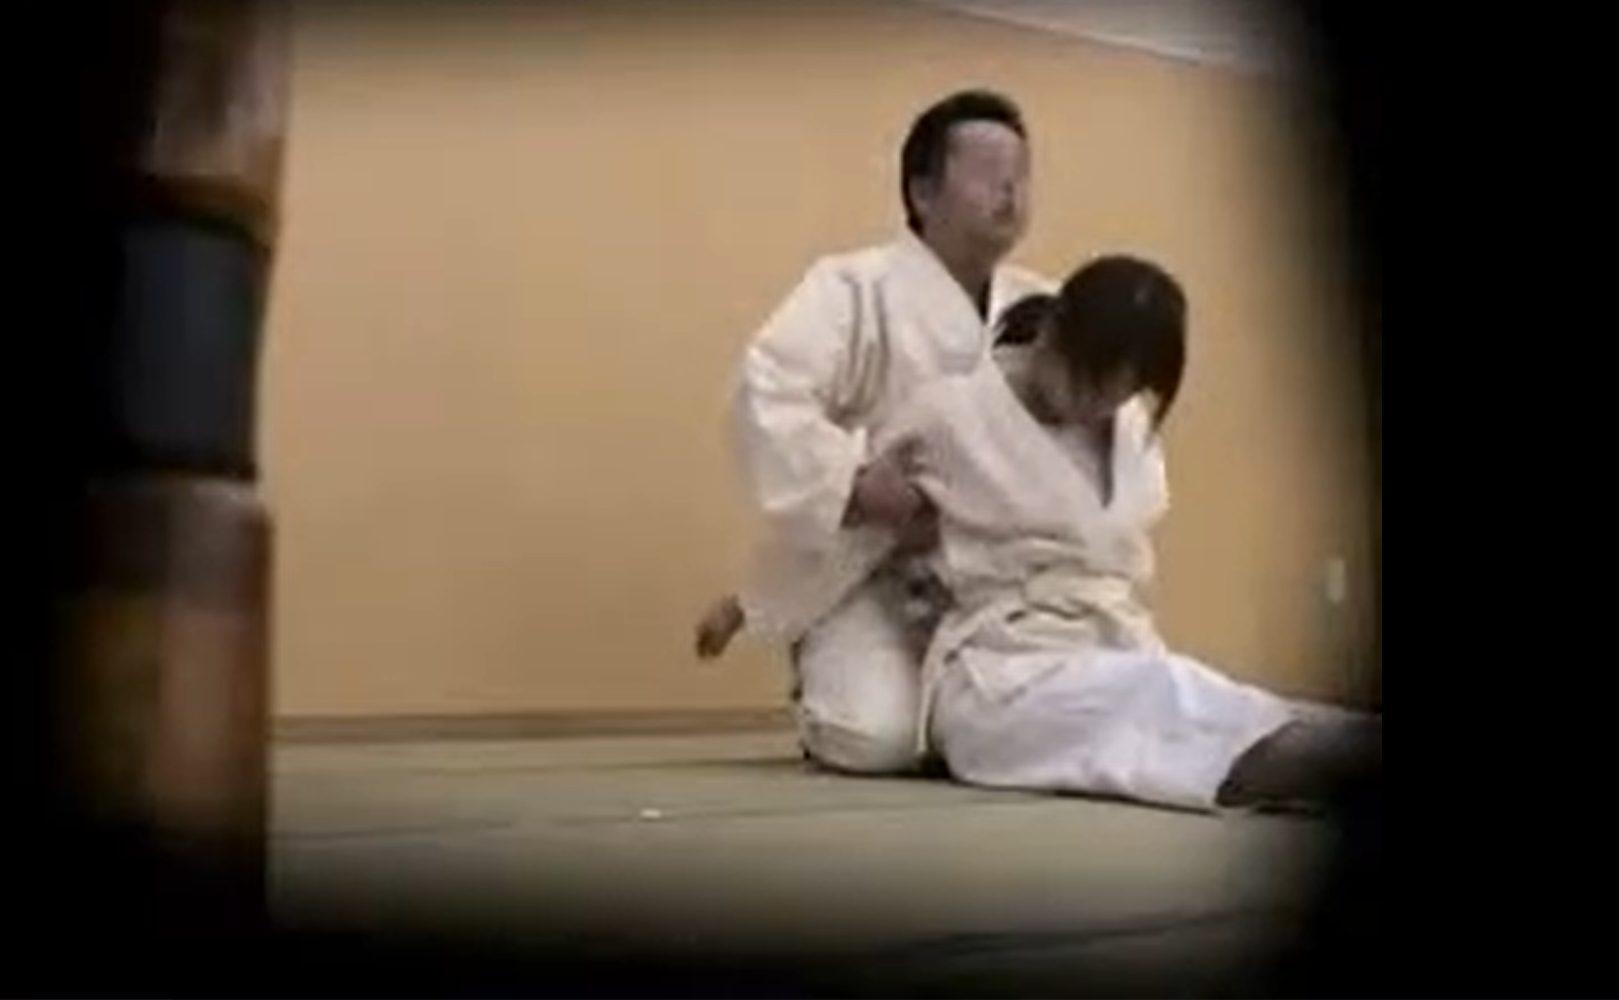 【※レイプ※】JK部員が柔道部顧問に力で捻じ伏せられ中出しの餌食に…!